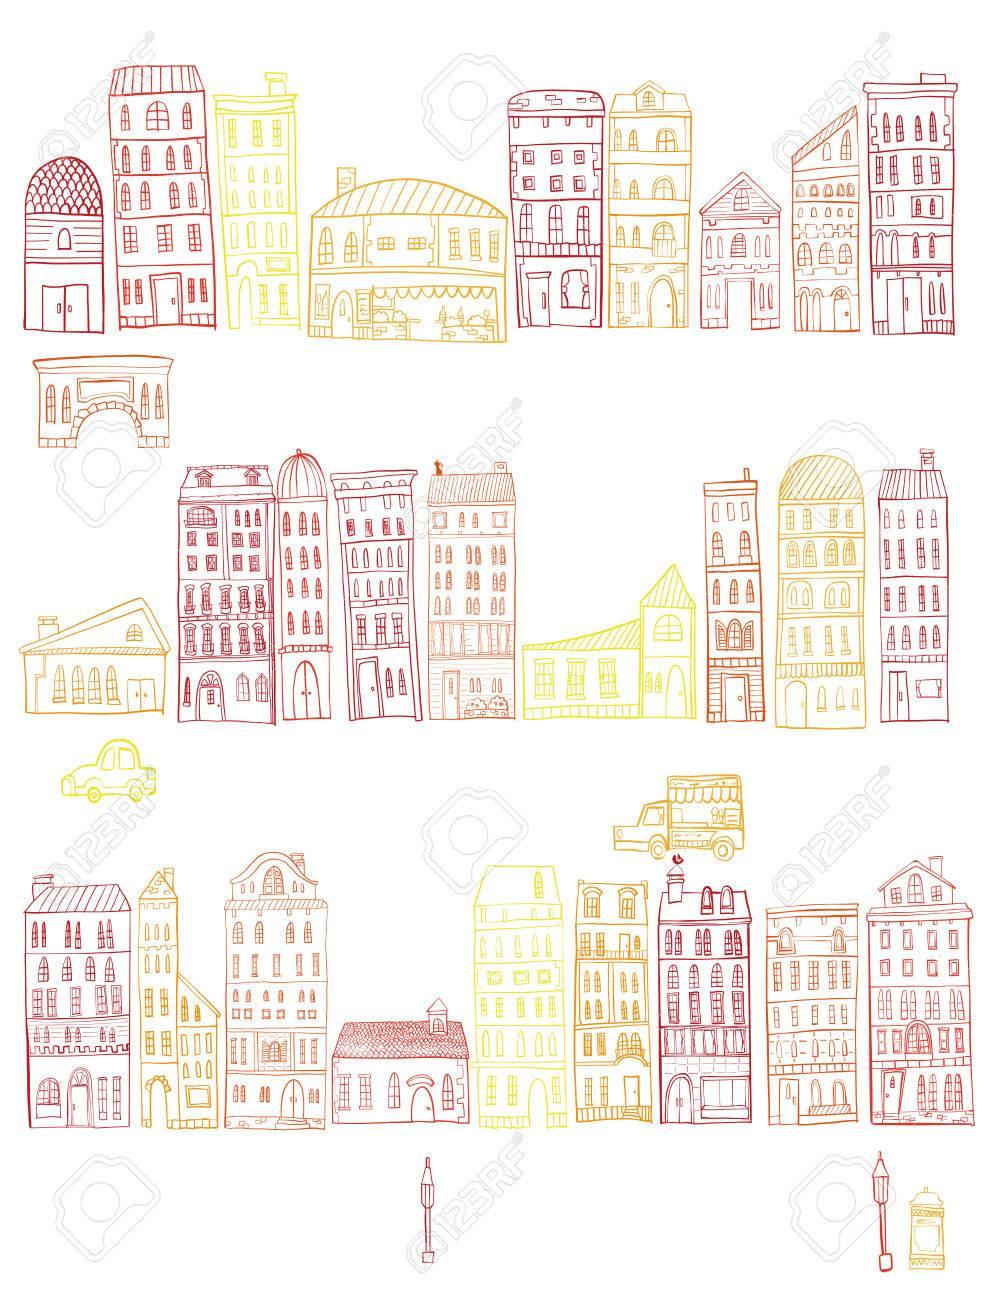 街並みのイラストですのイラスト素材ベクタ Image 79517090